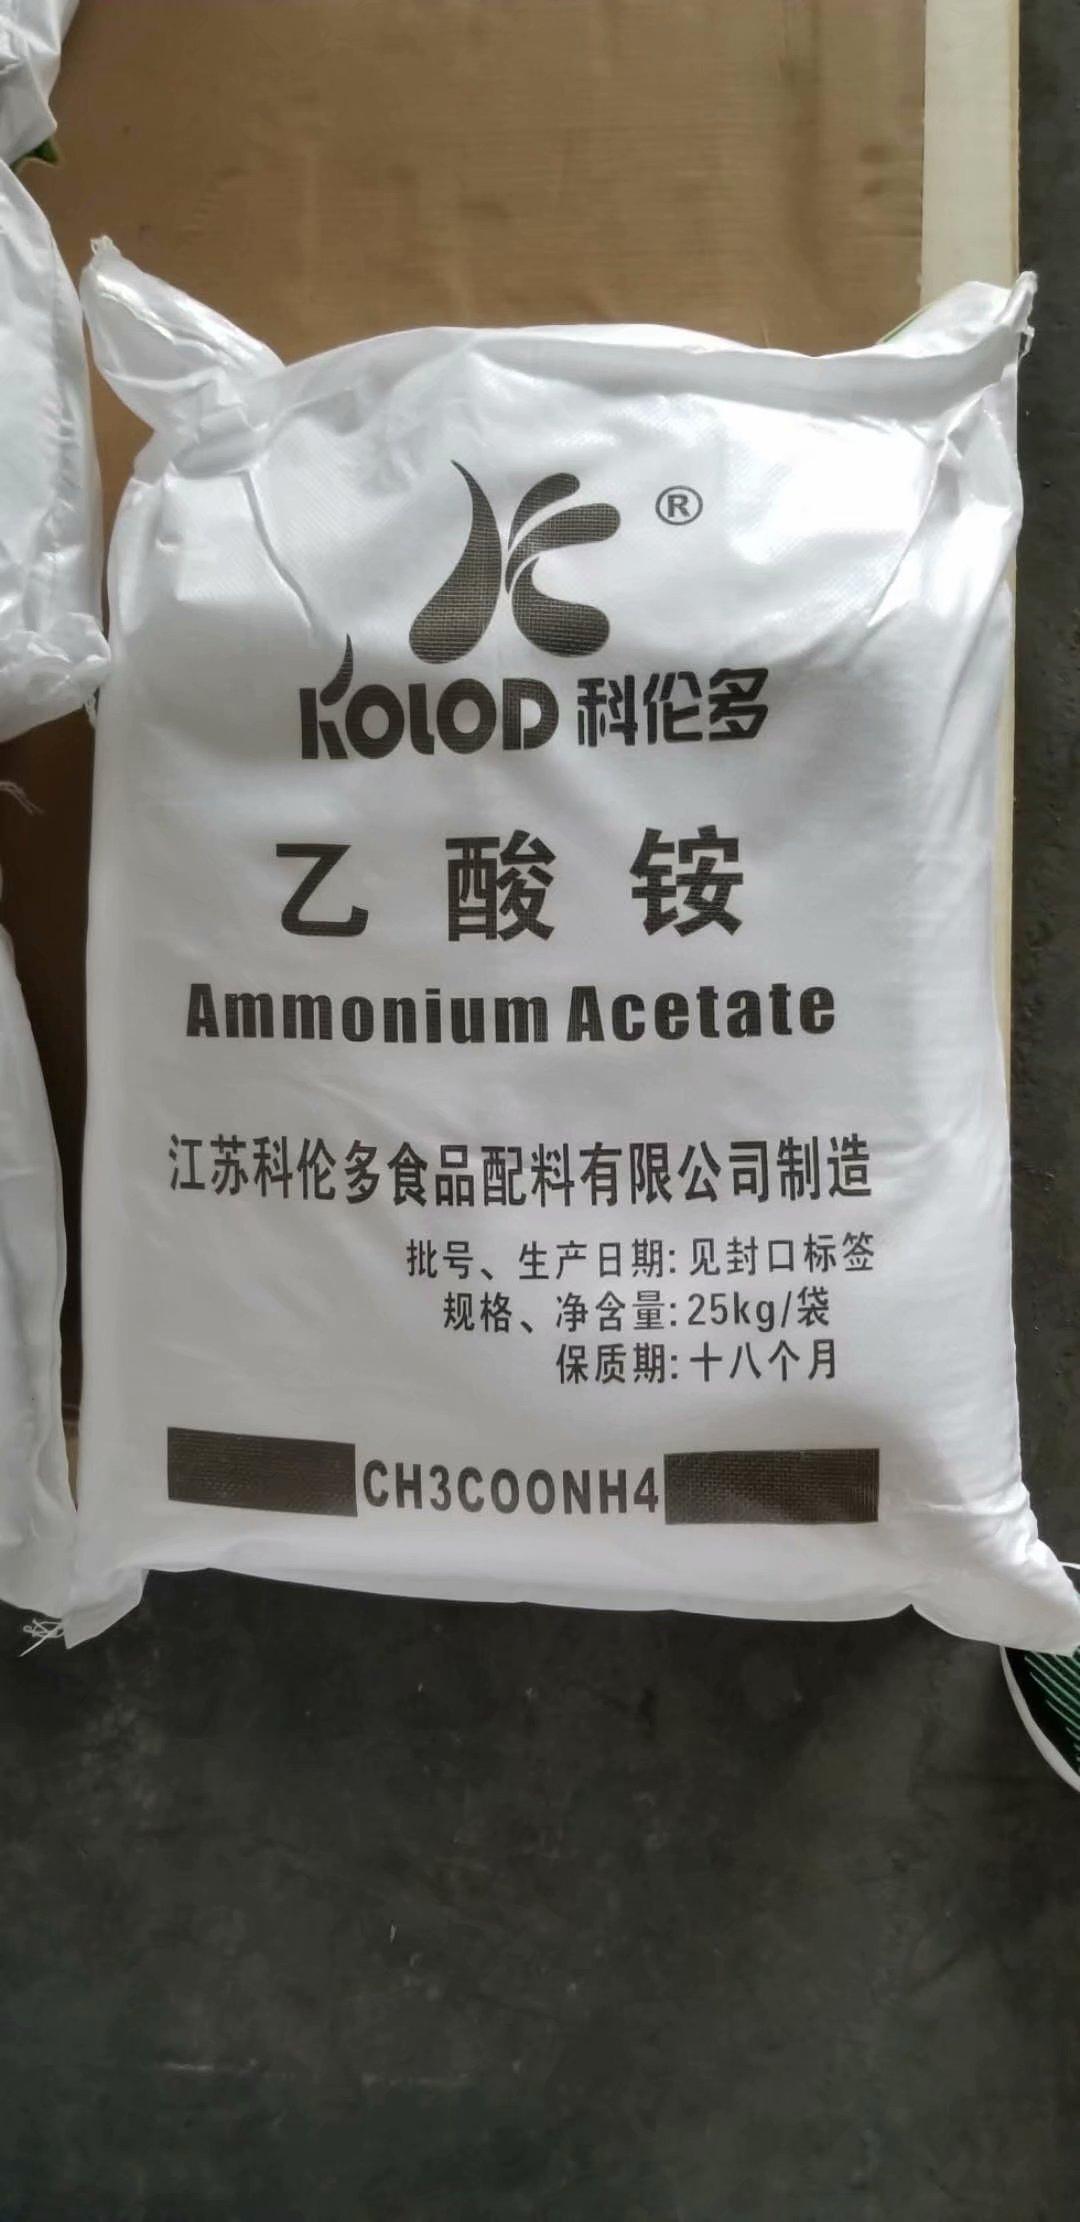 ammonium acetate